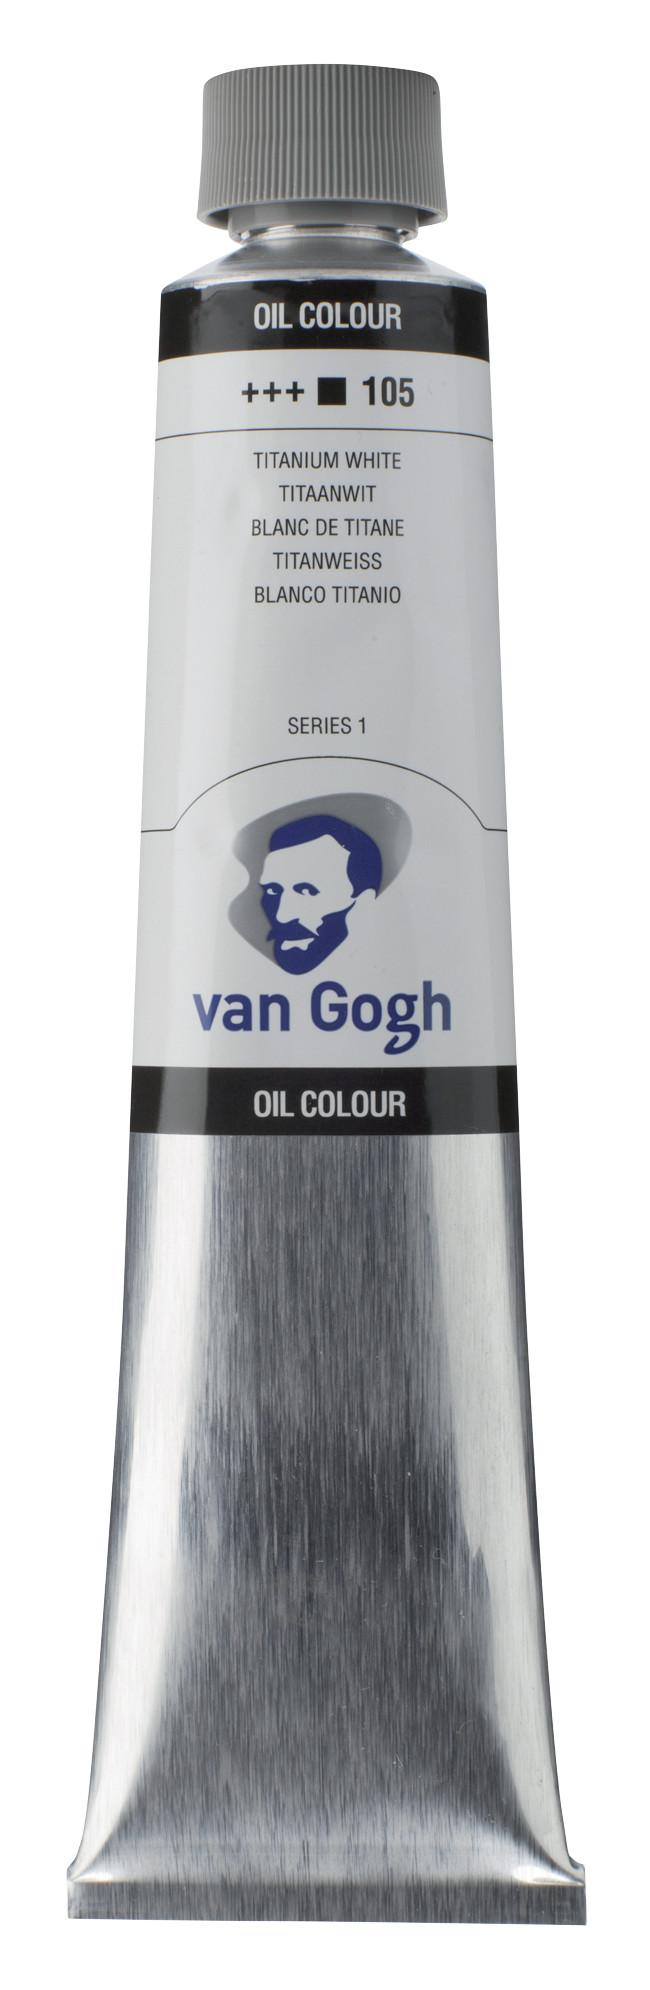 Van Gogh Oil Colour Tube 200 ml Titanium White 105